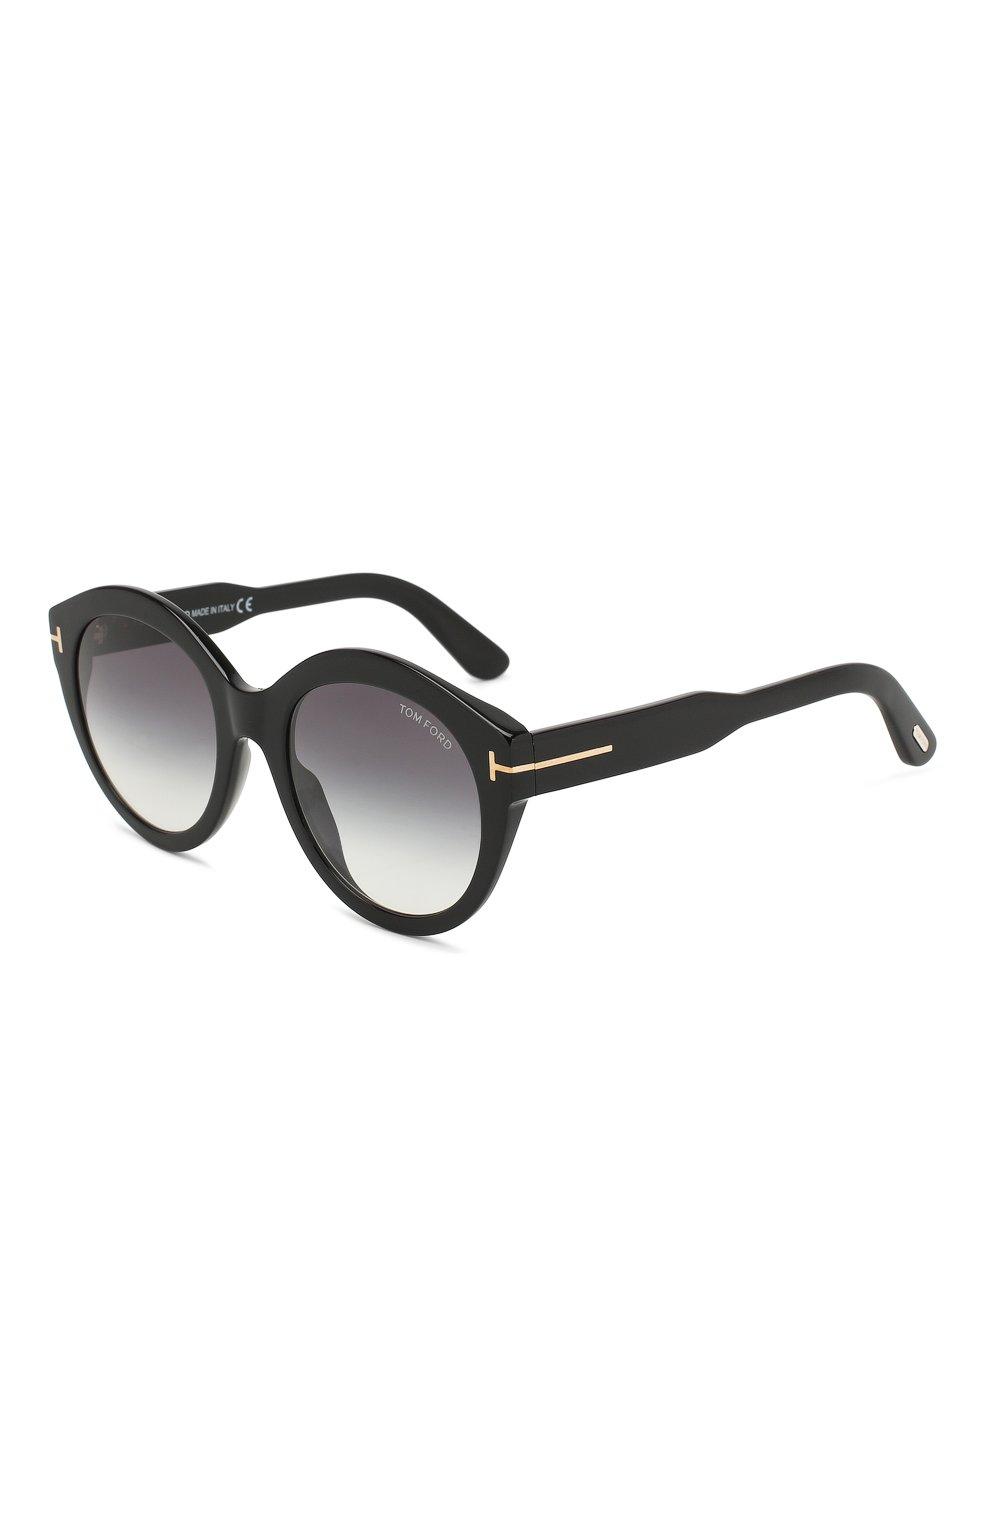 Женские солнцезащитные очки TOM FORD черного цвета, арт. TF661 01B | Фото 1